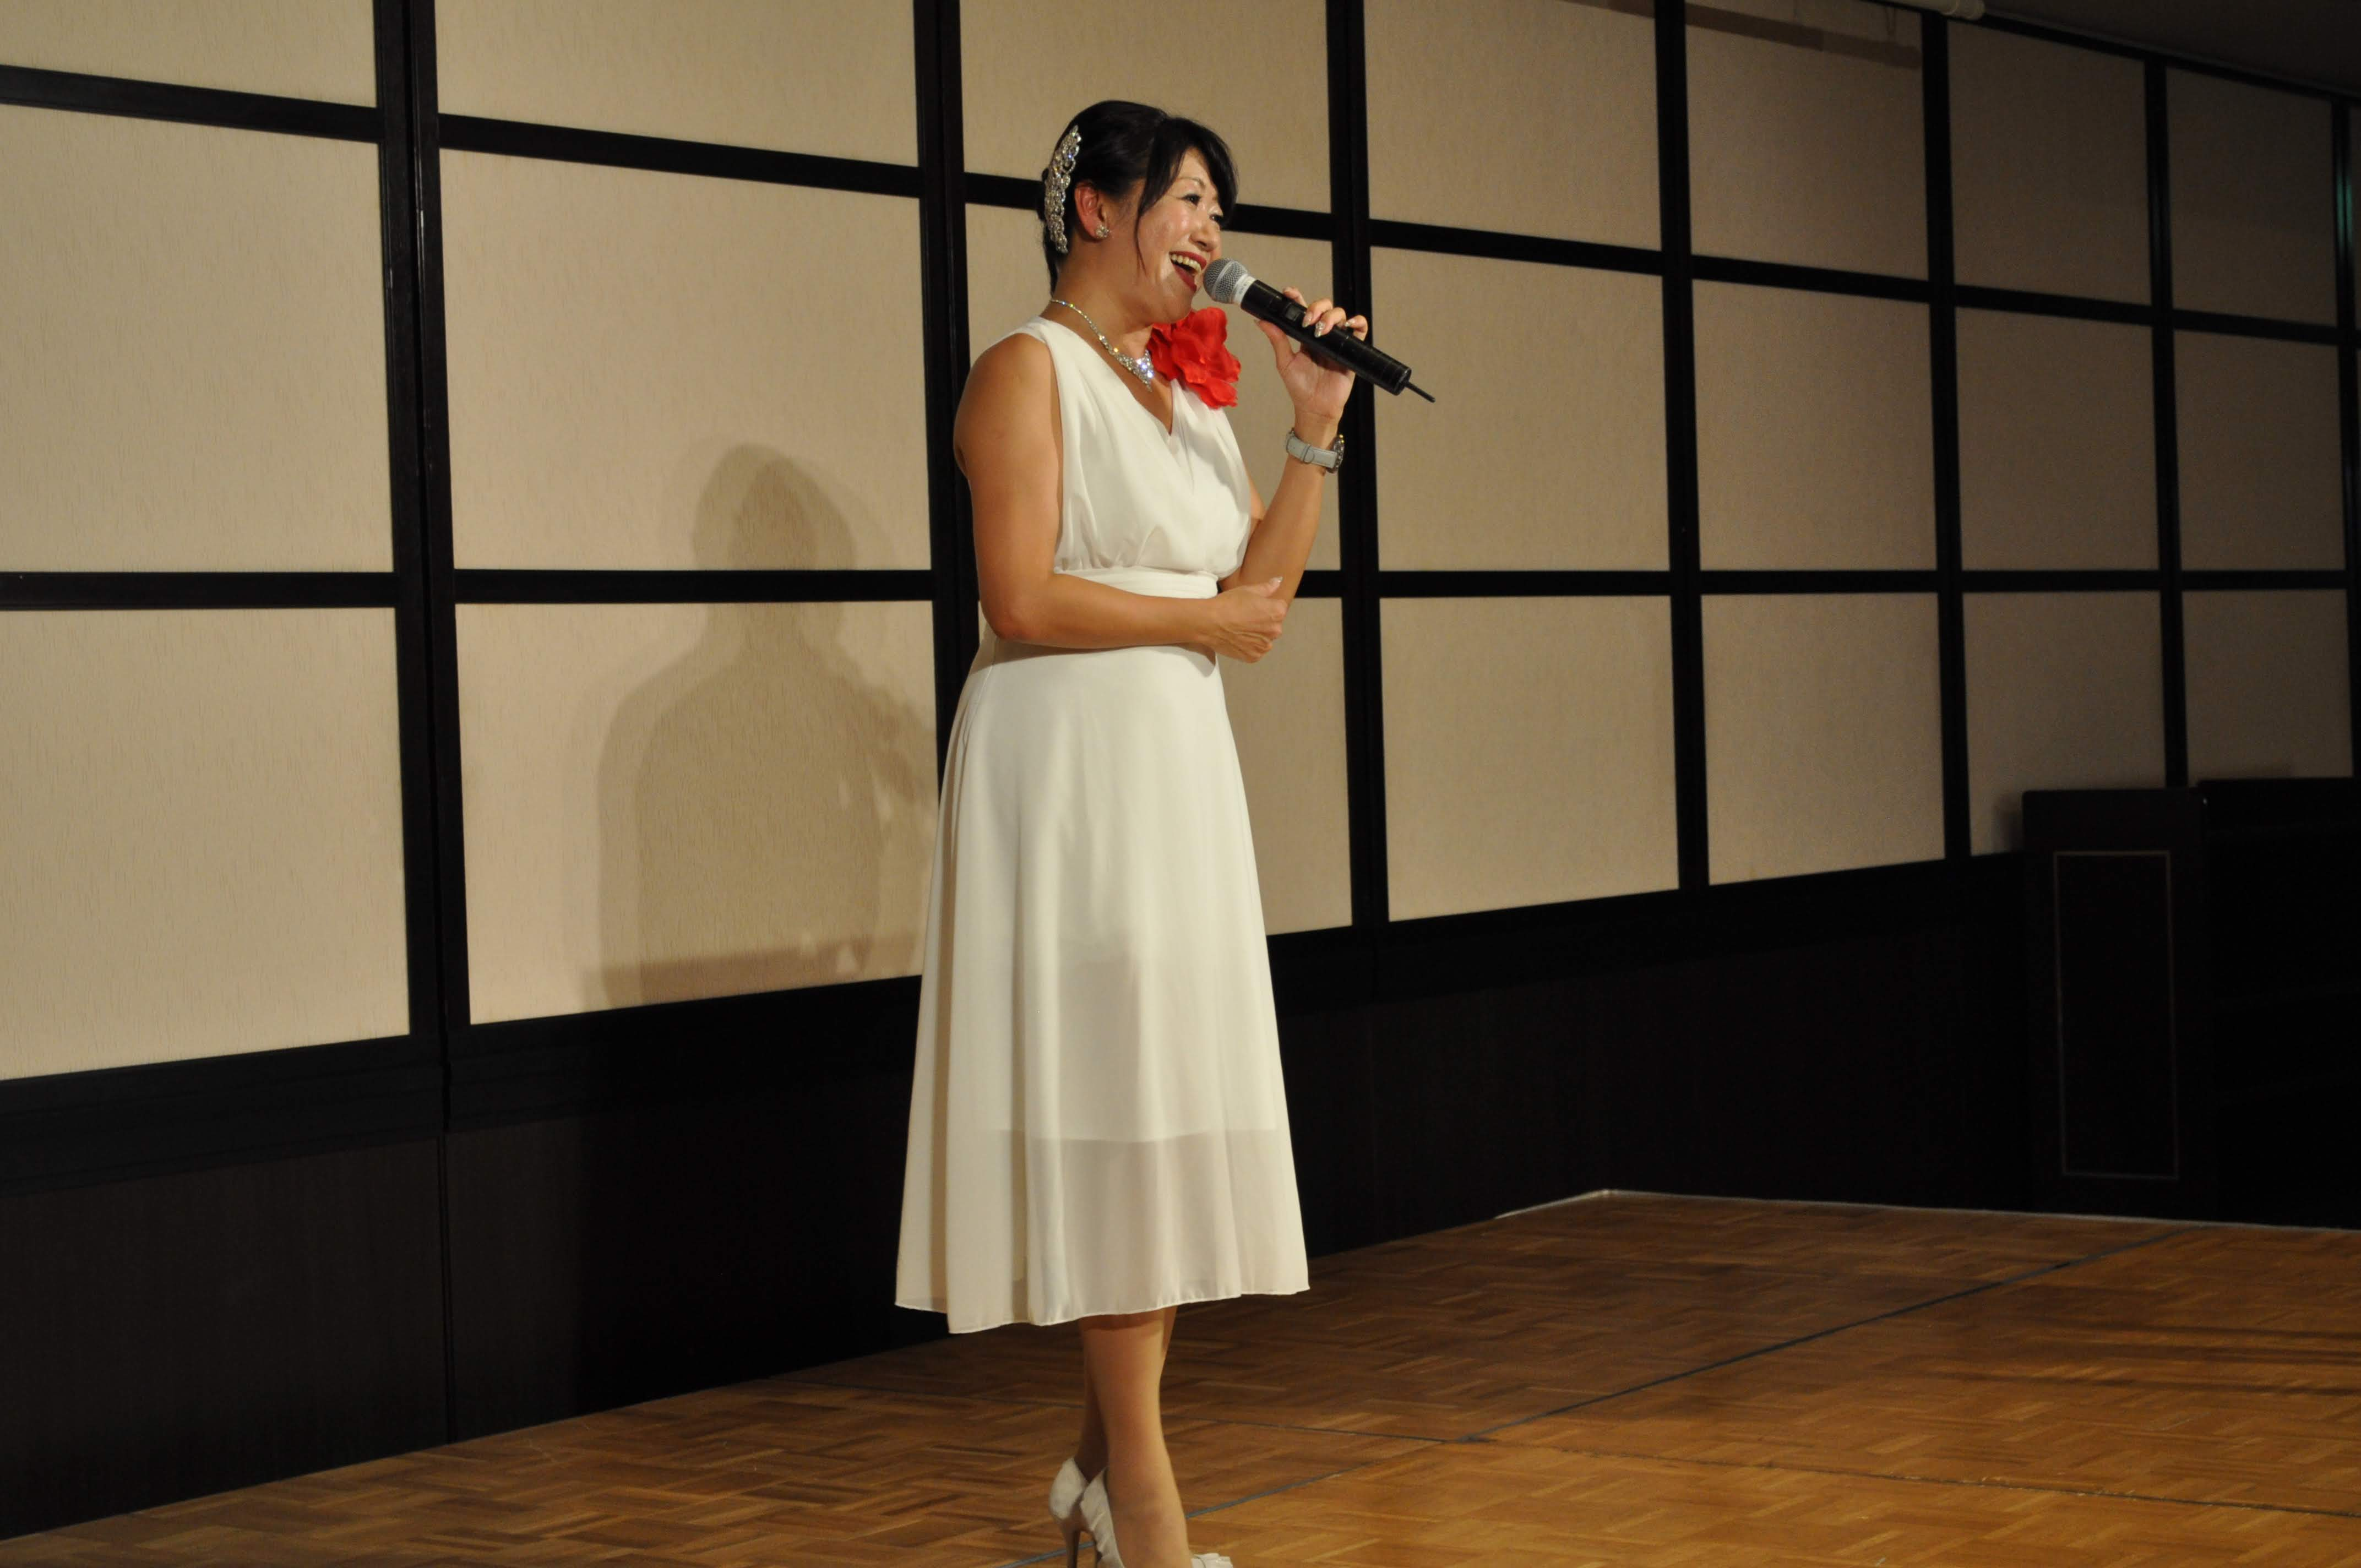 DSC 0487 1 - 思風会全国大会in広島